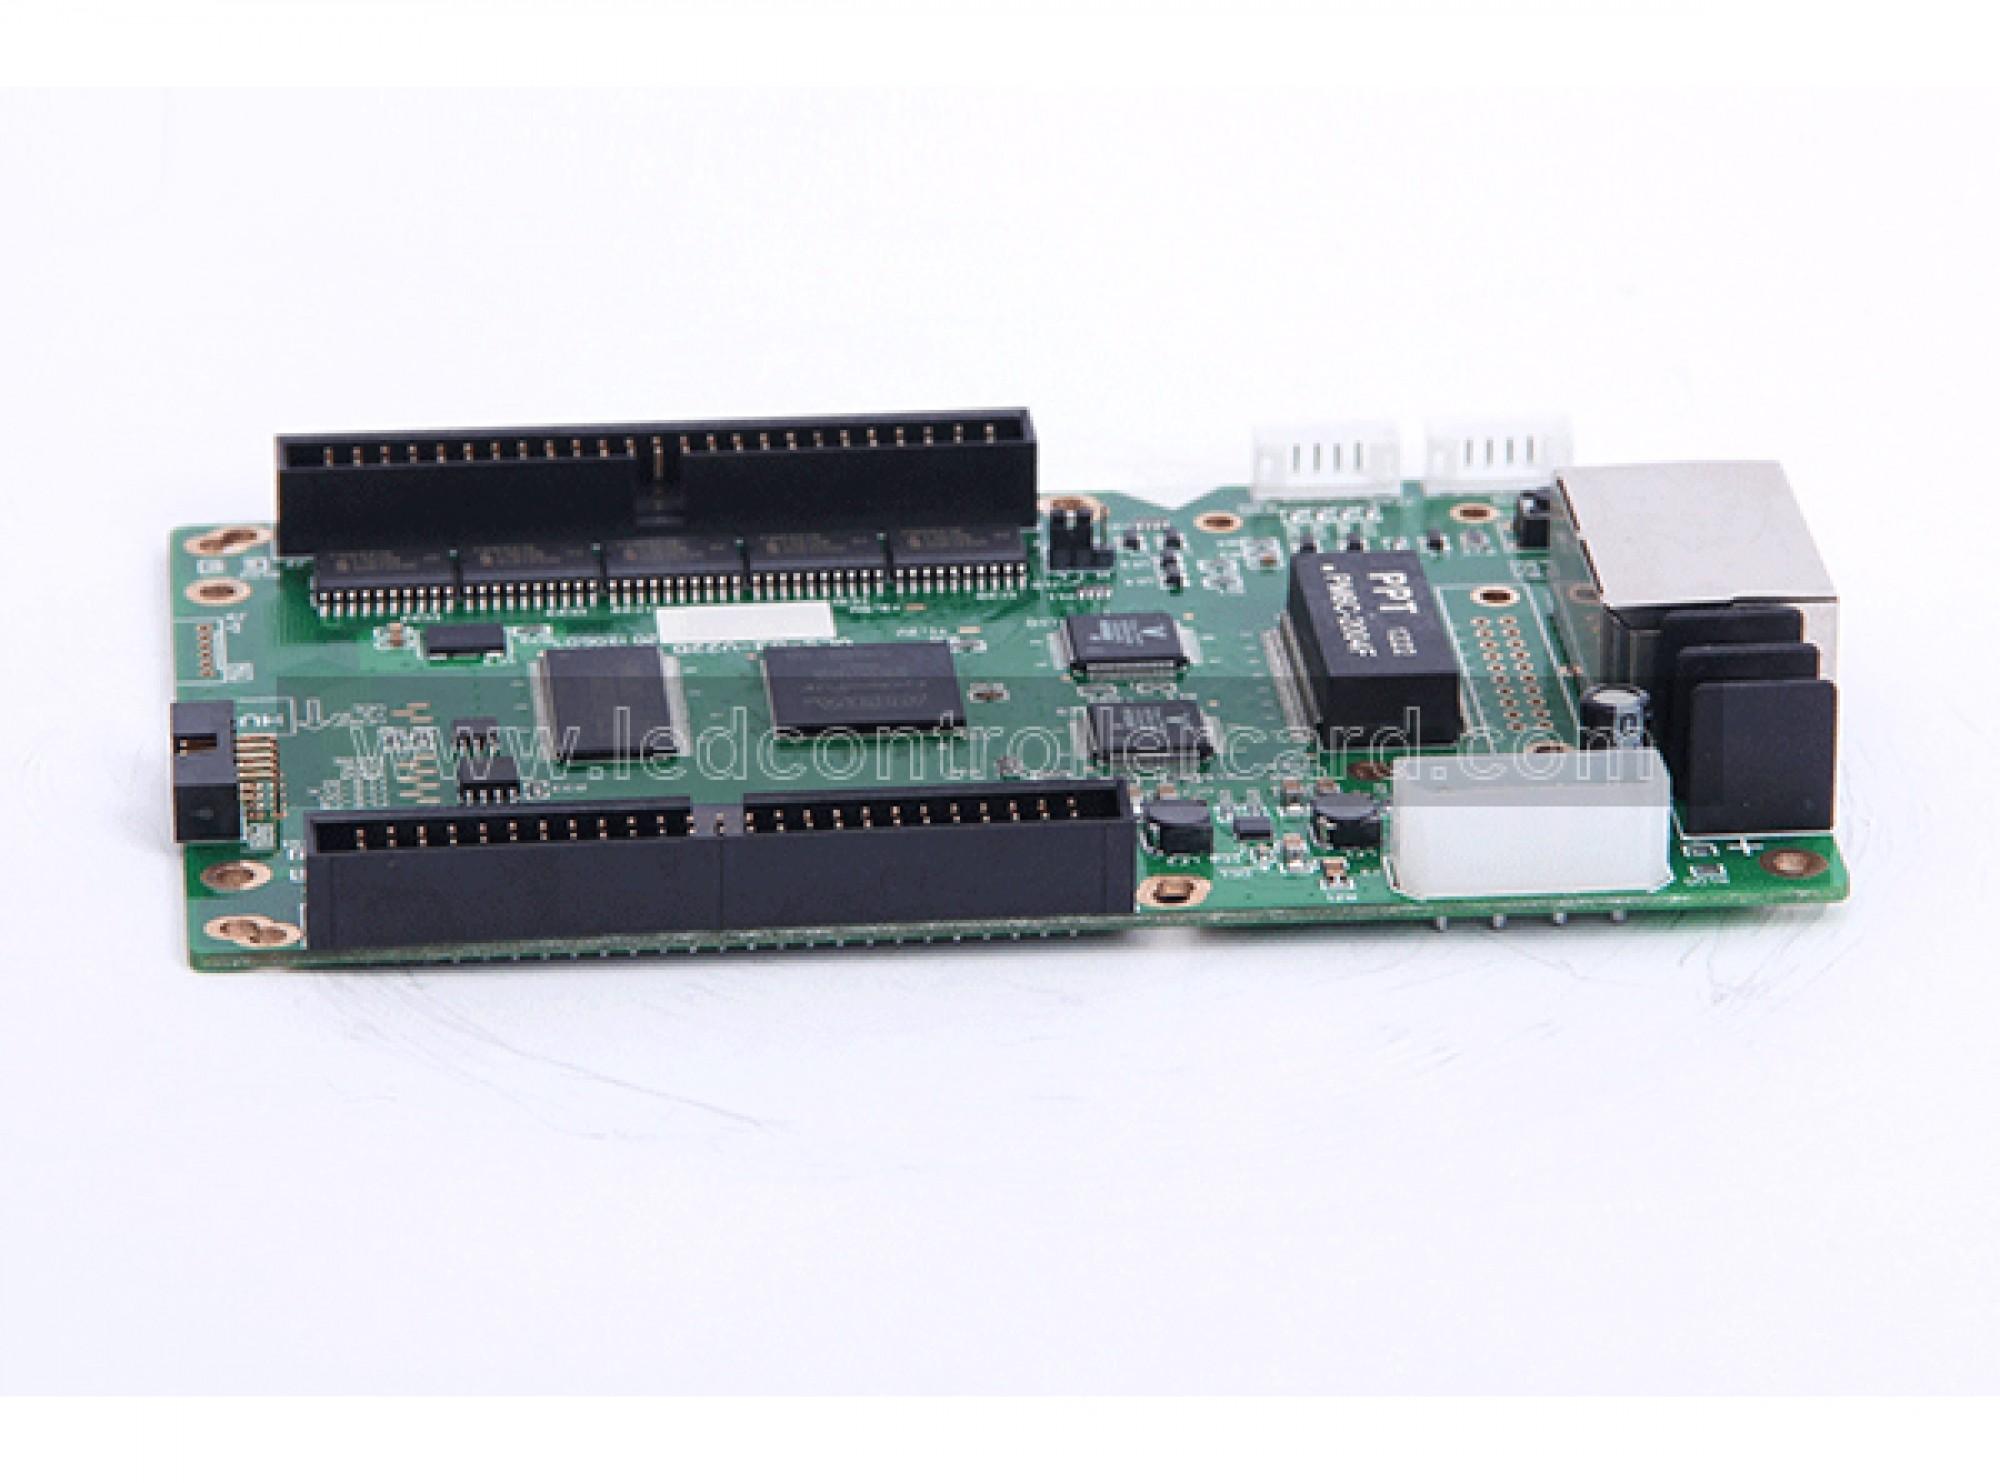 Mooncell VCSG3-V22D Receiving Card